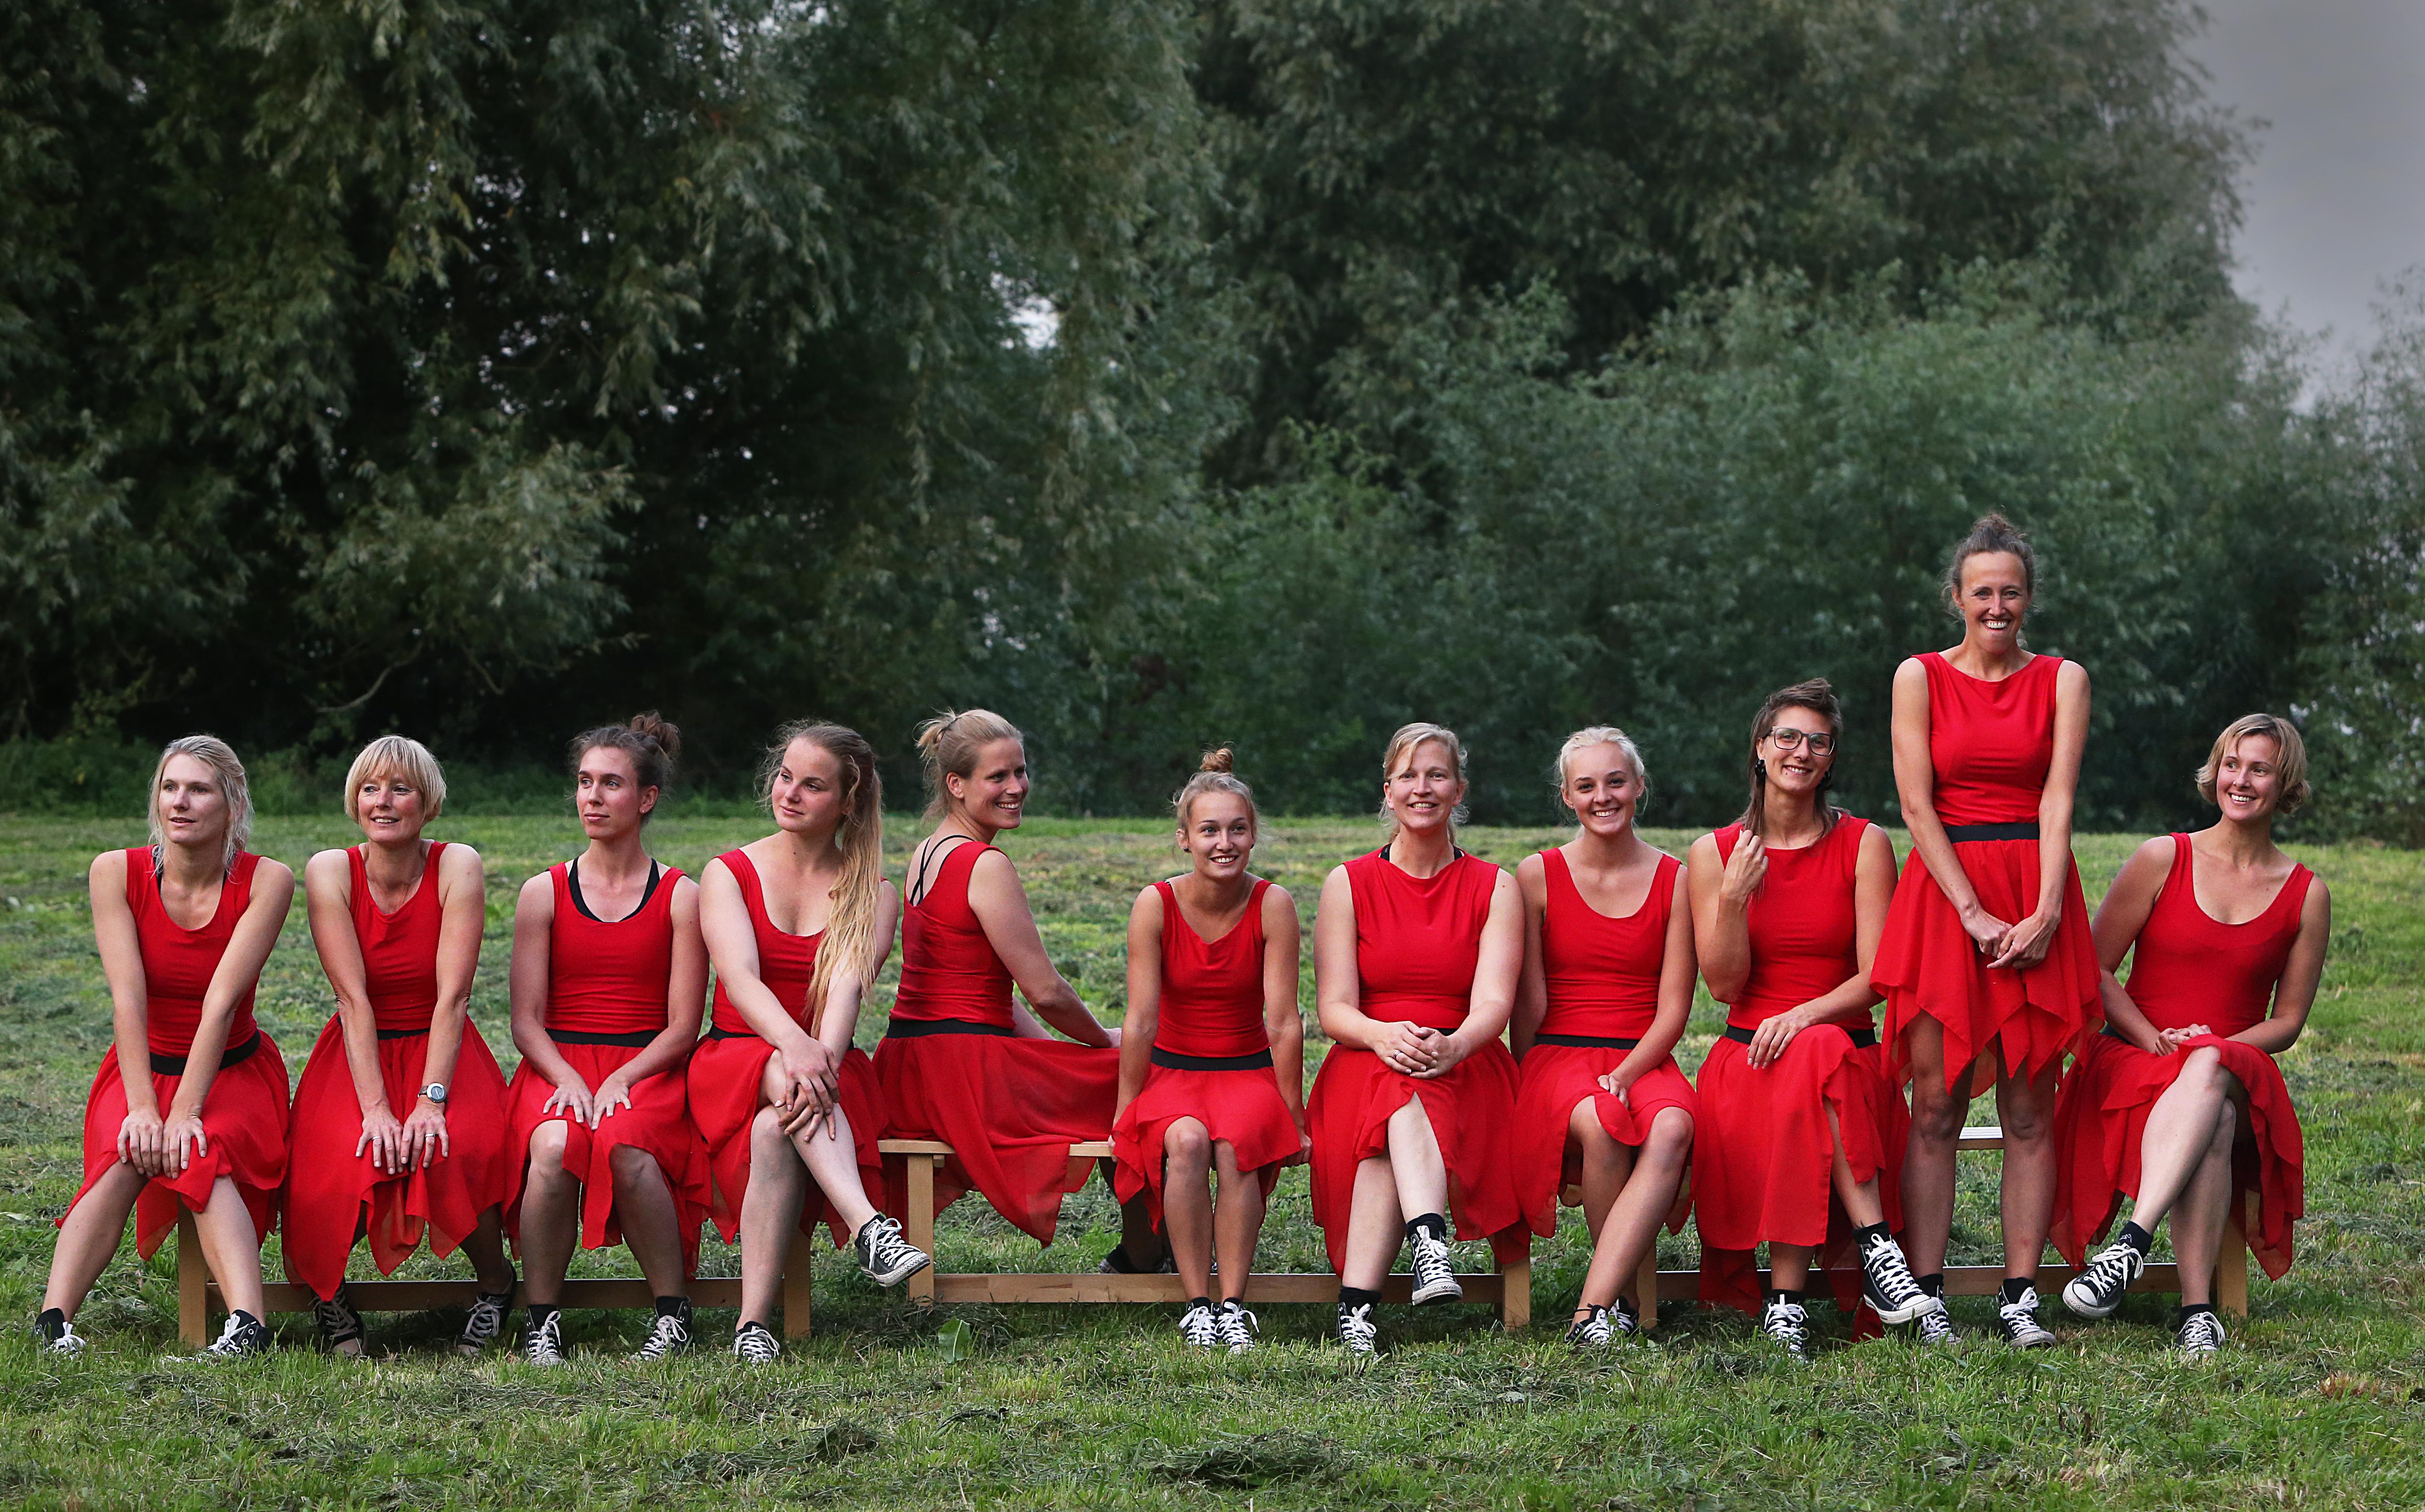 Wachten op de liefde-Hilde-Huisman-kleding--kostuum-ontwerp-leeuwarden-atelier-dans-theater